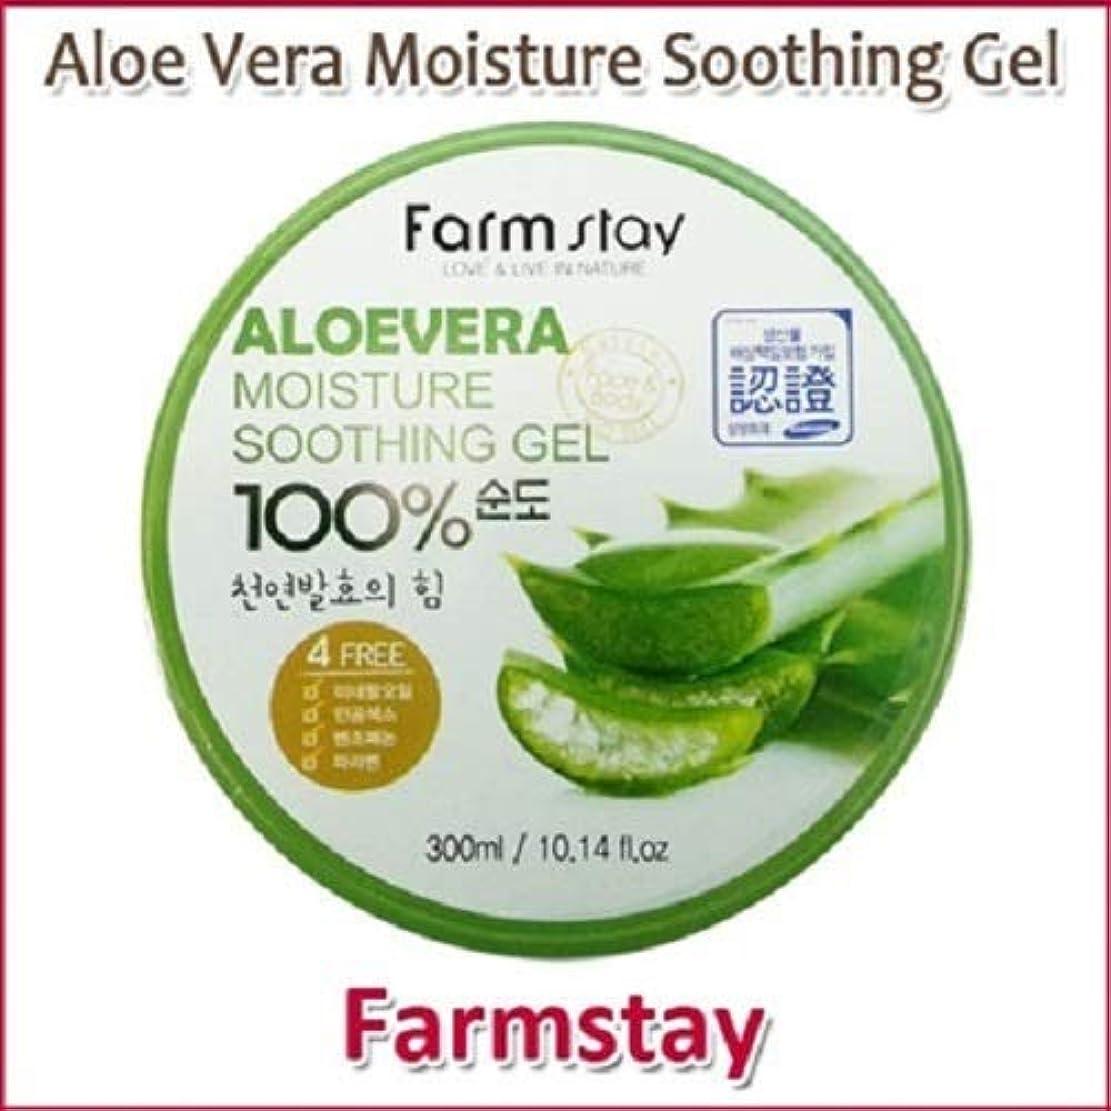 肉屋灌漑影響を受けやすいですFarm Stay Aloe Vera Moisture Soothing Gel 300ml /オーガニック アロエベラゲル 100%/保湿ケア/韓国コスメ/Aloe Vera 100% /Moisturizing [...